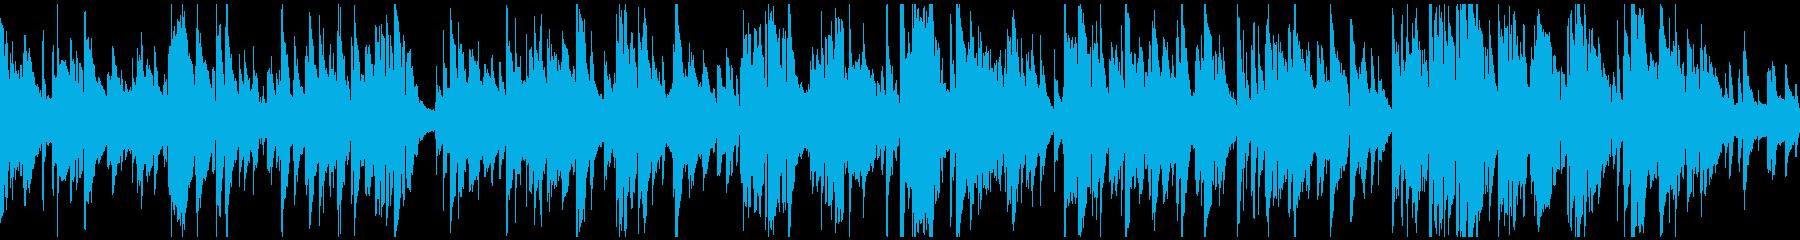 ソフトな音色のスロージャズ ※ループ版の再生済みの波形